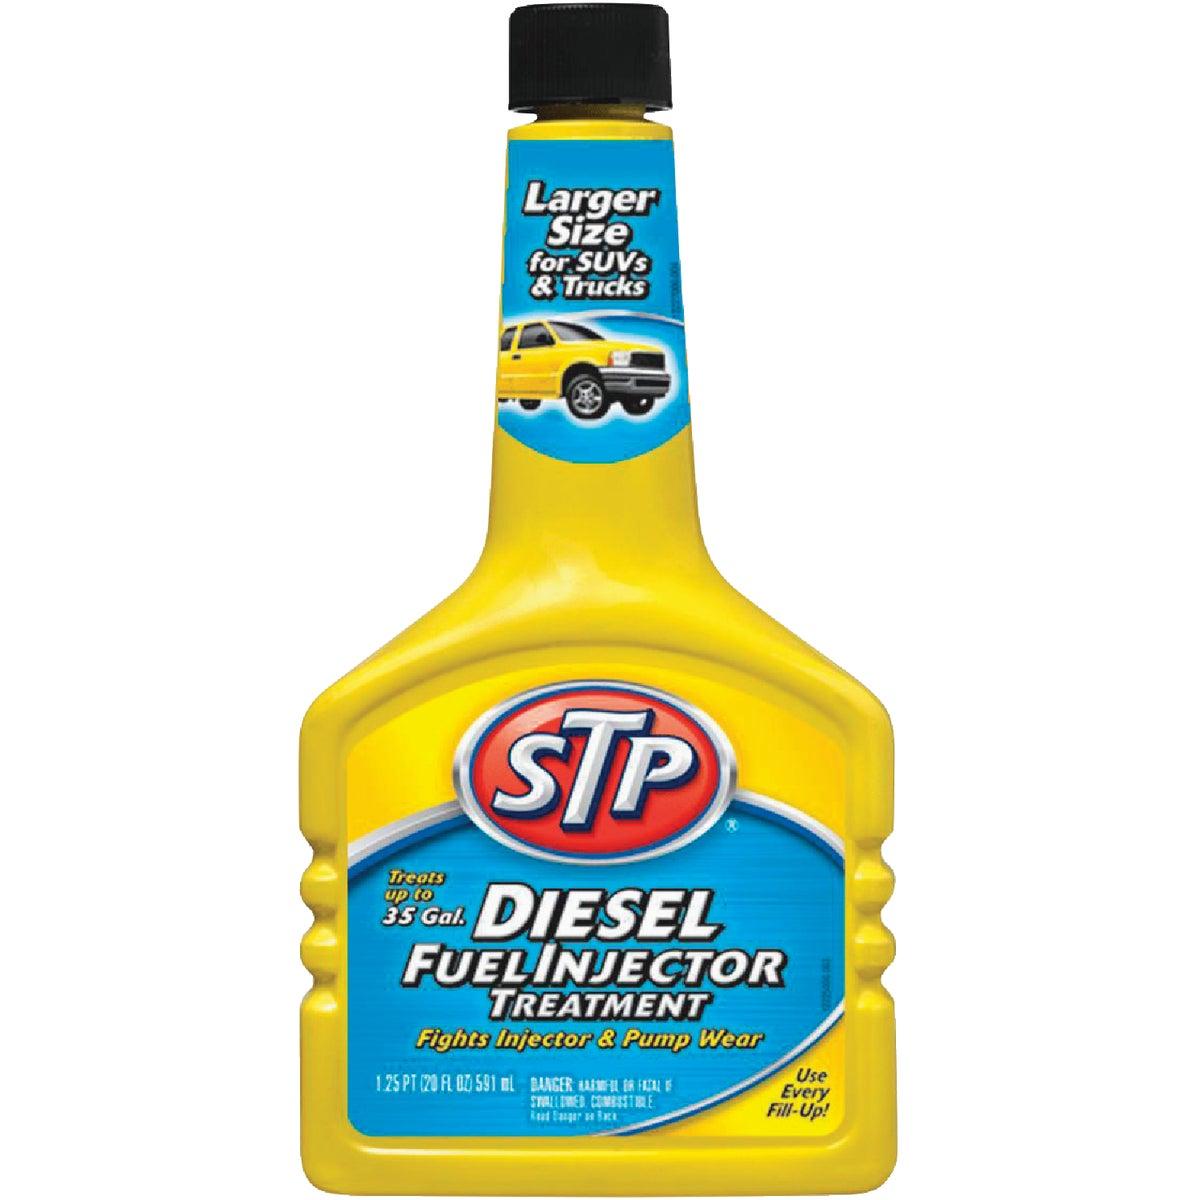 Clorox/Home Cleaning STP DIESEL & INJ CLEANER 78380